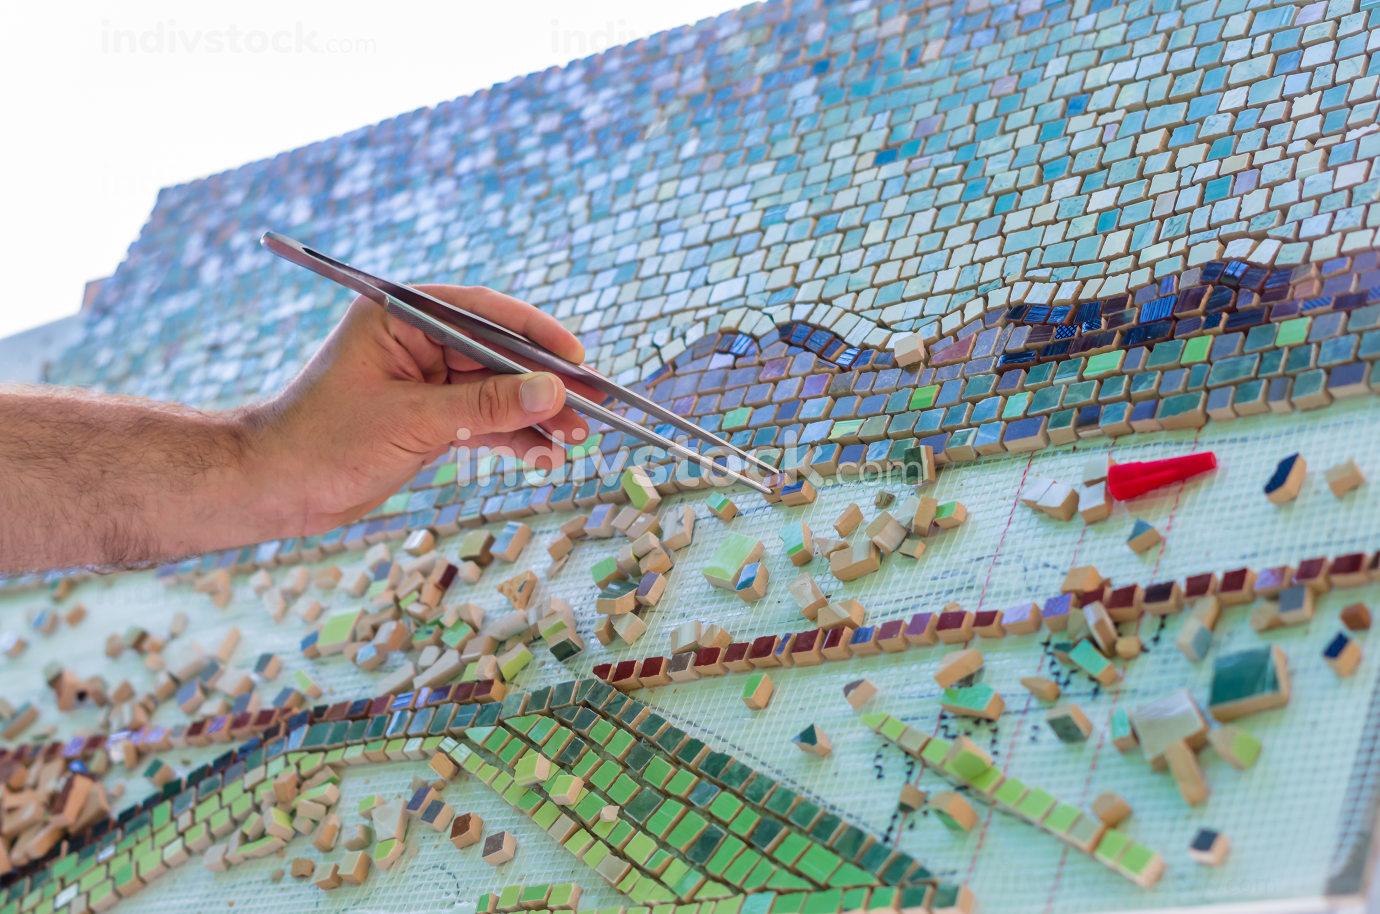 Ceramic design. Ceramic mosaic. The man organizes with a tweezer